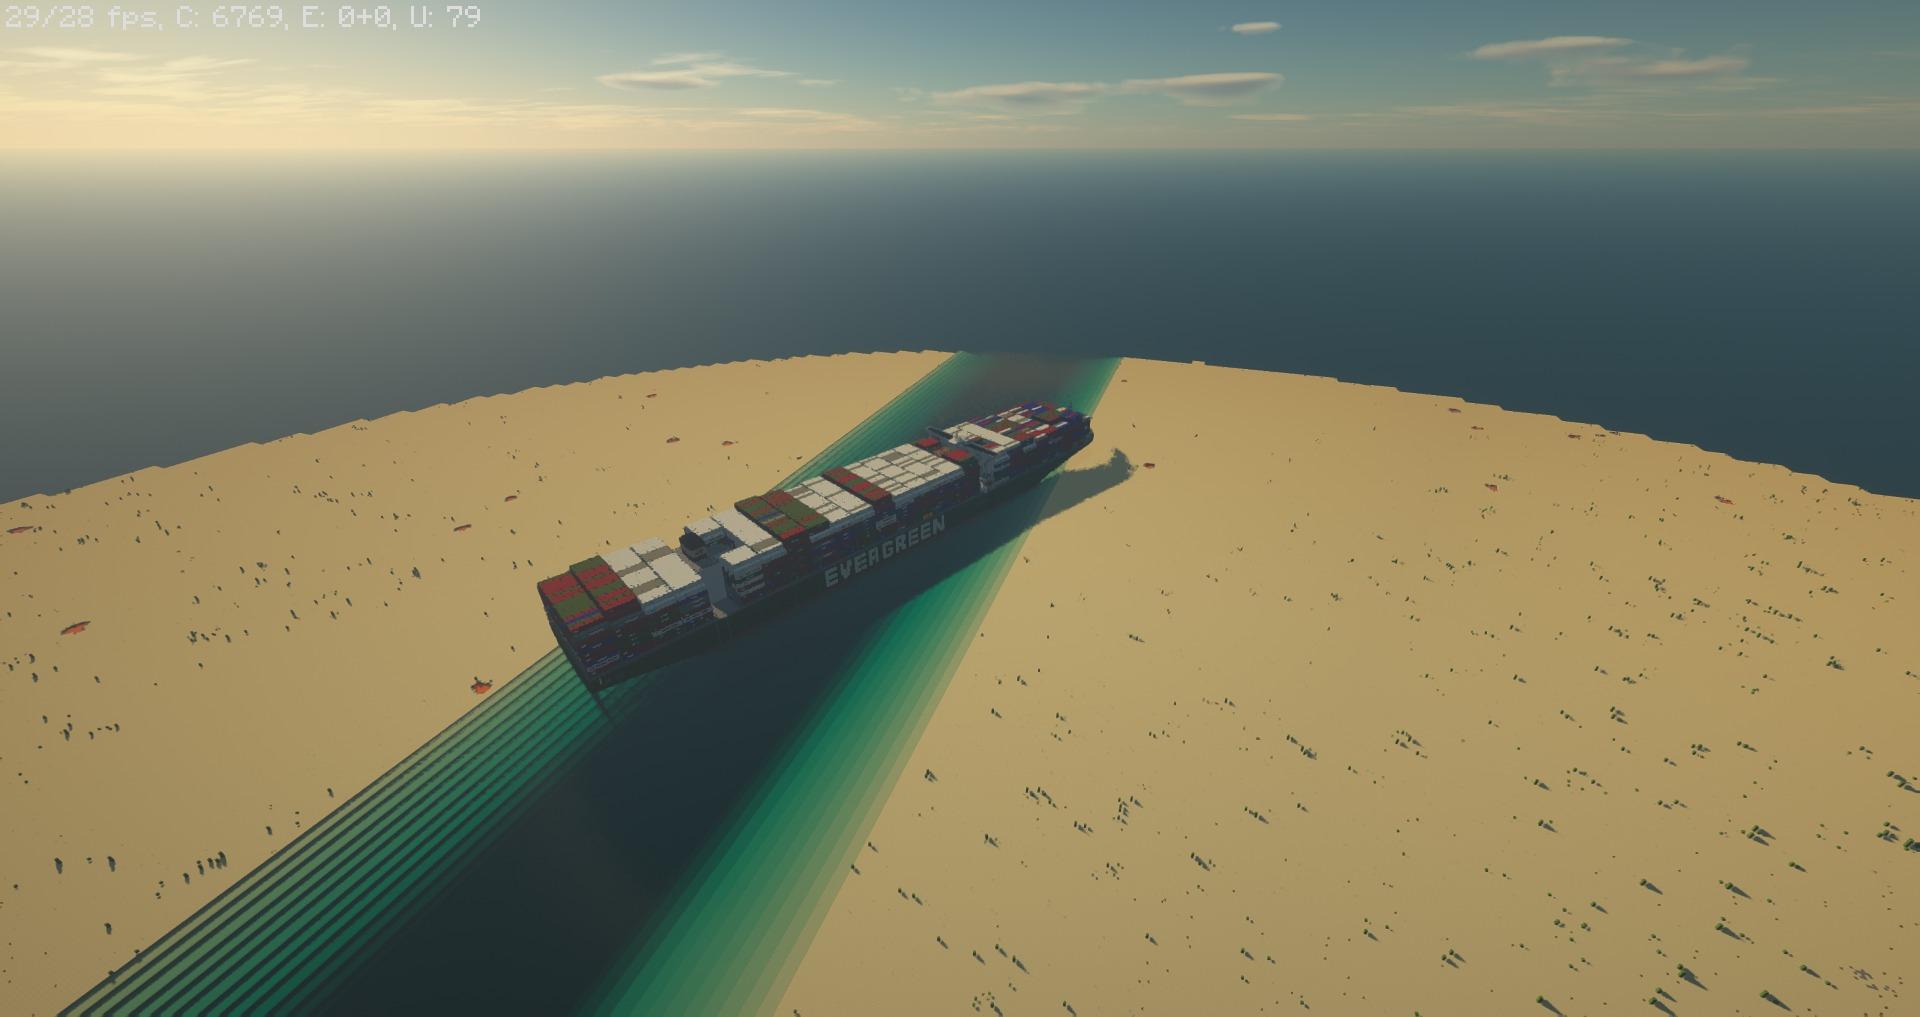 У игрока в Minecraft ушло 11 часов на создание полноразмерной копии корабля, застрявшего в Суэцком канале